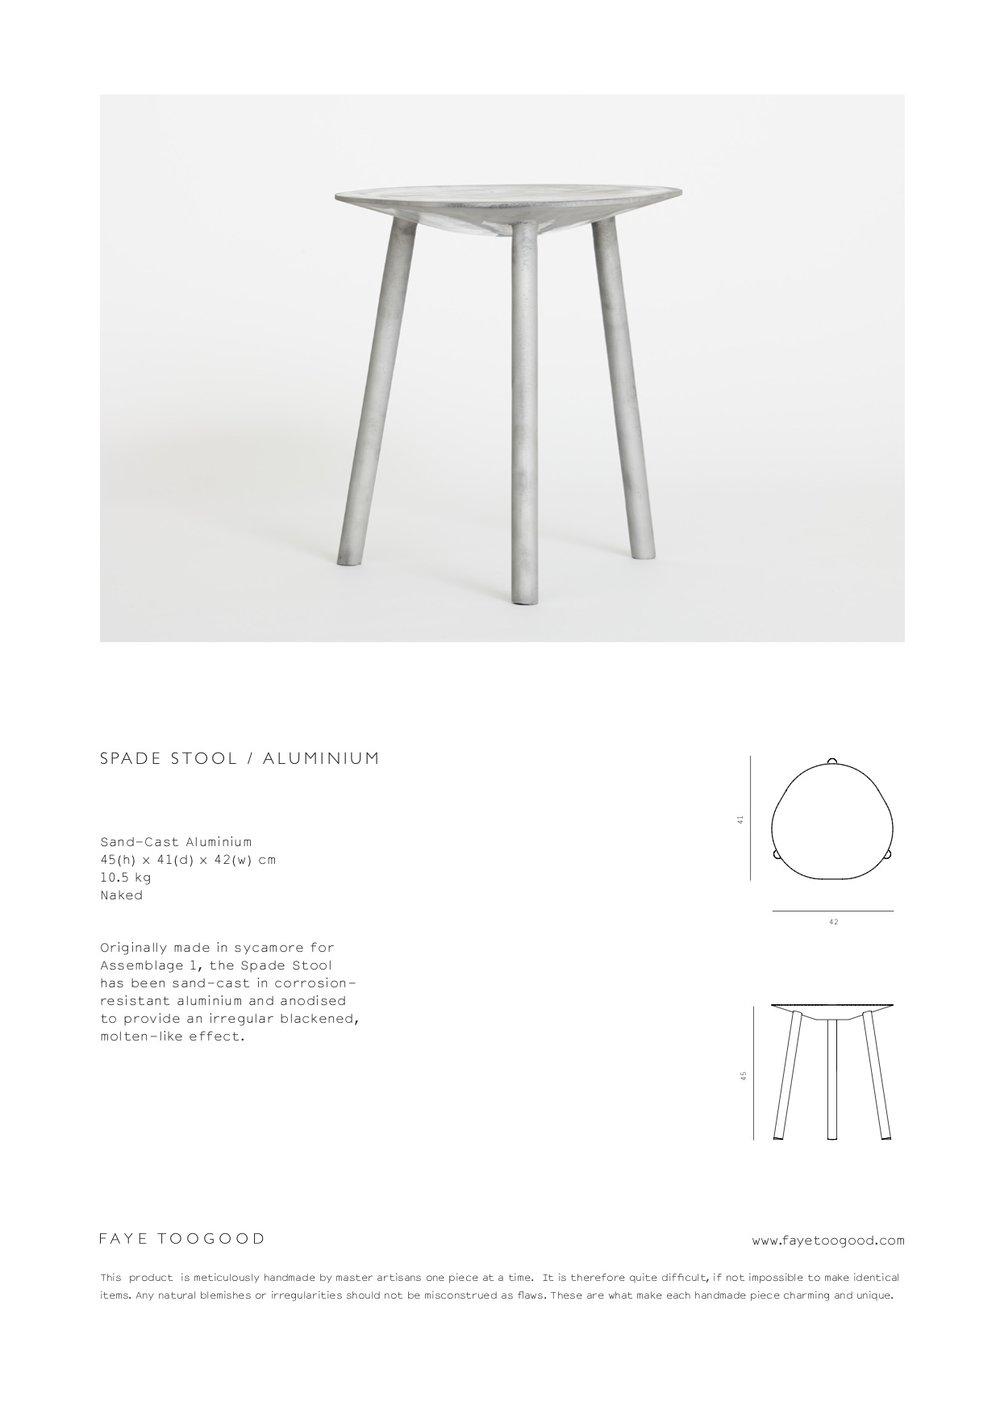 Spade_Stool_Aluminium_Naked_Specification_Sheet.jpg